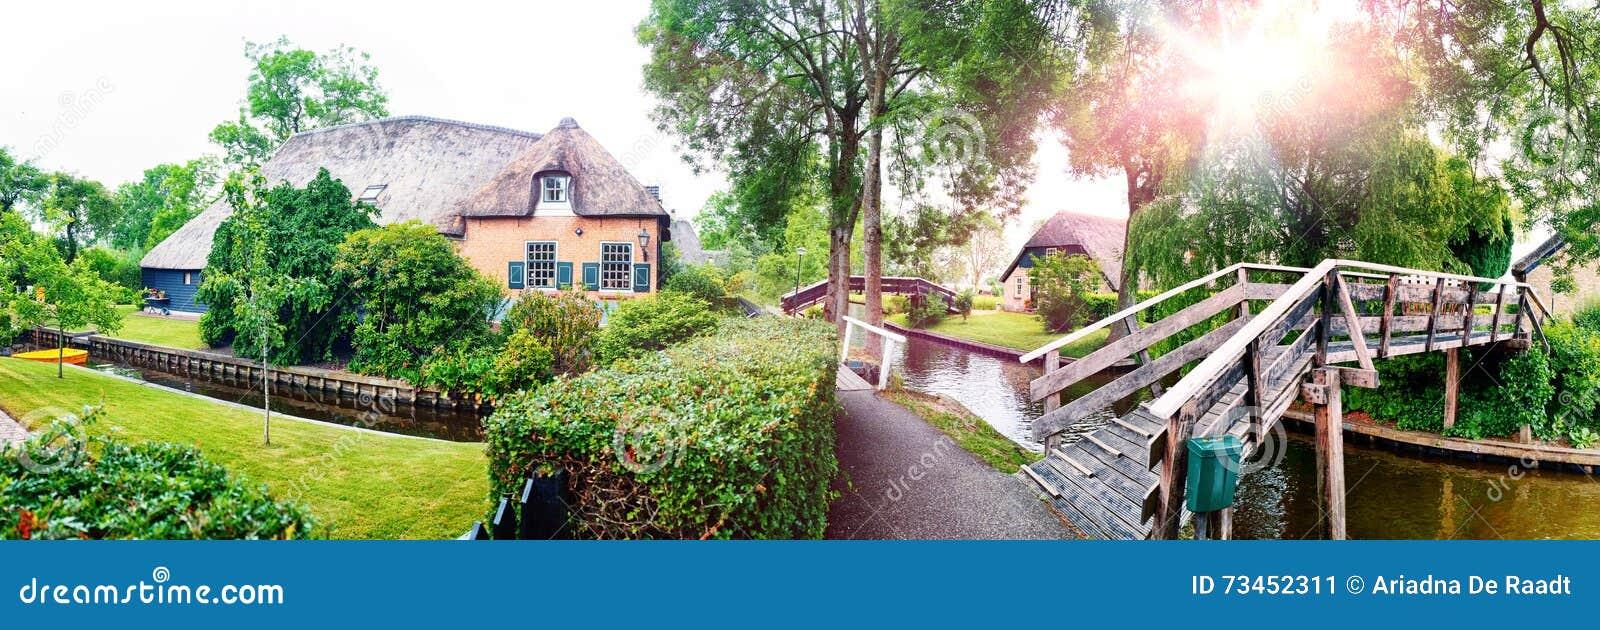 荷兰村庄夏天全景